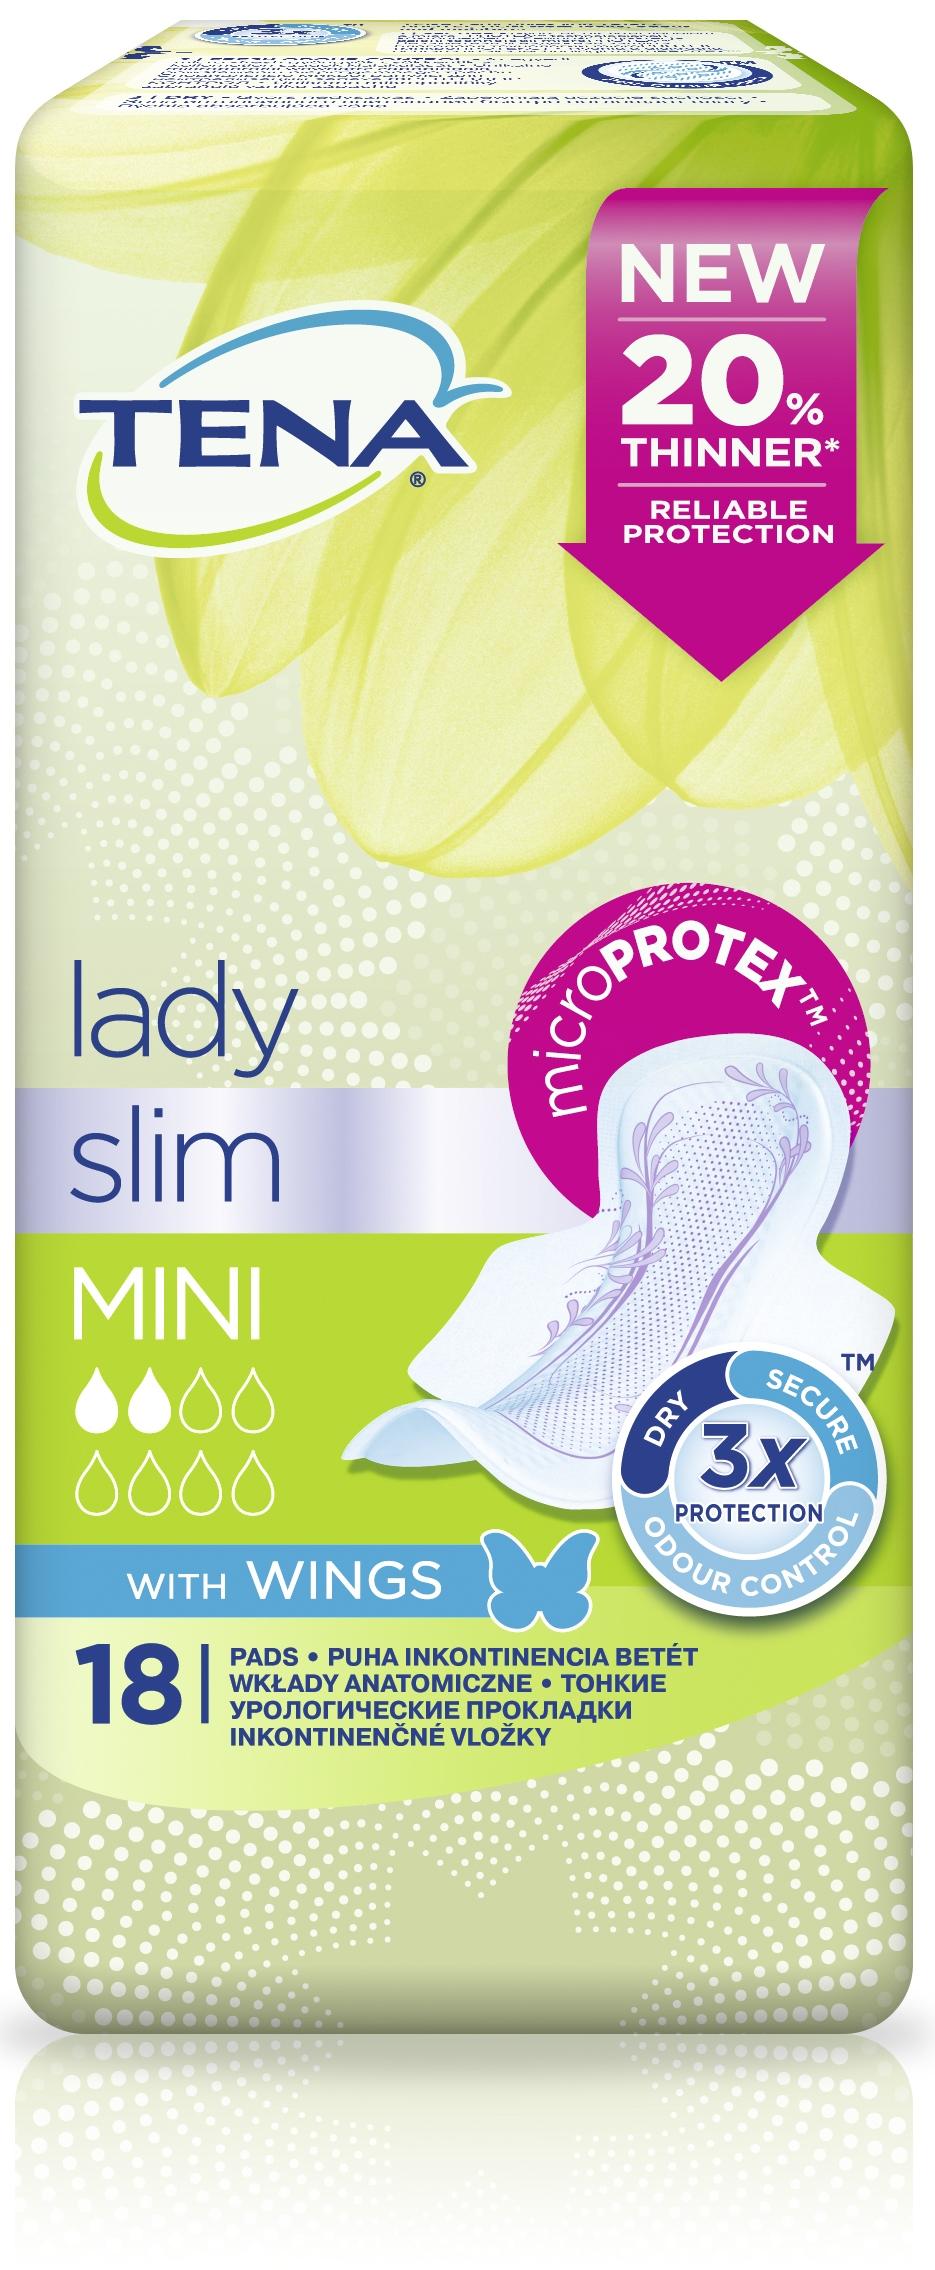 Tena Прокладки урологические Lady Mini Wings 18 шт аптека горздрав в голицыно купить урологические прокладки